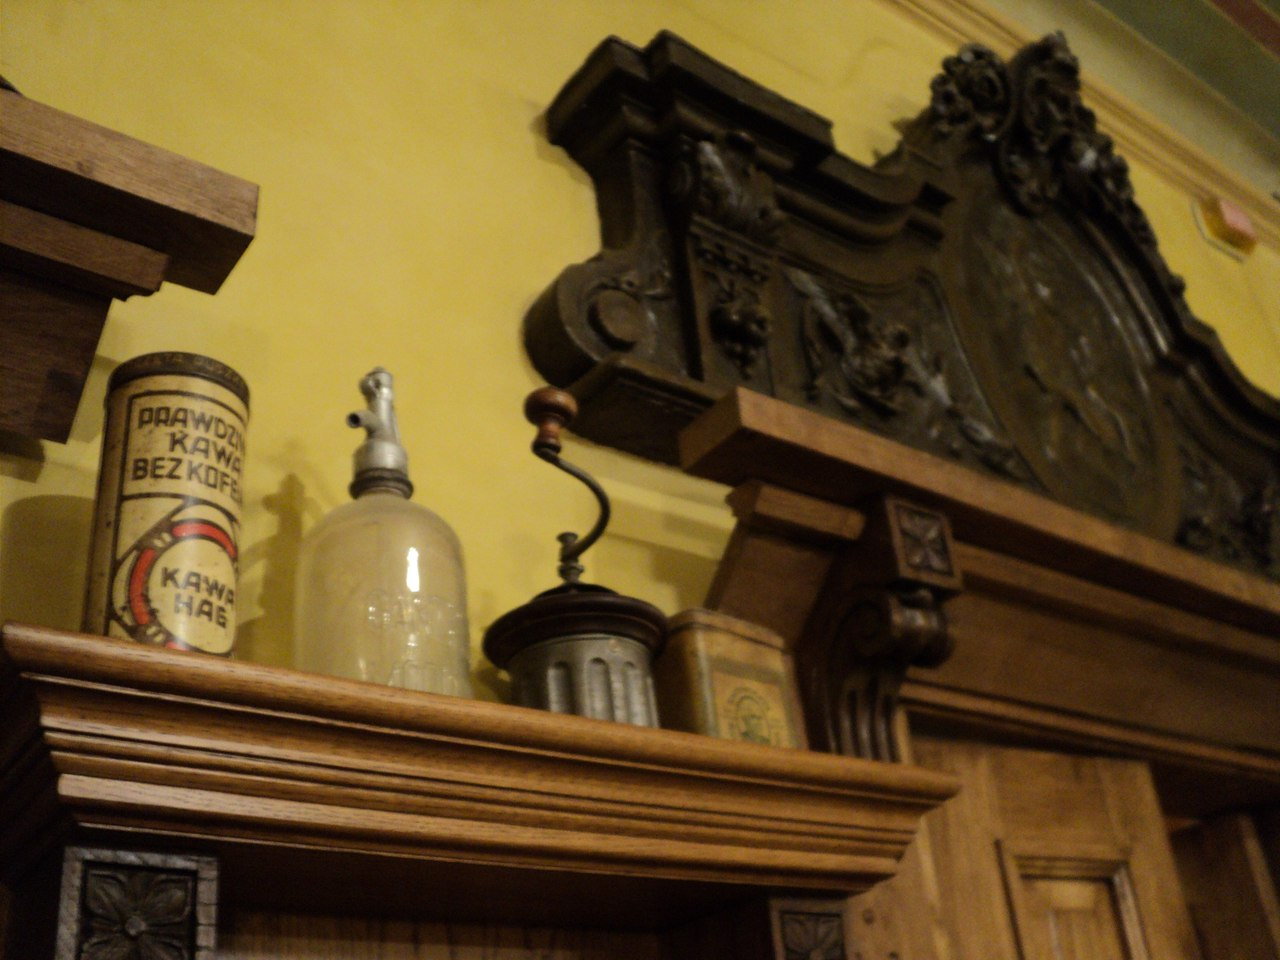 """Я продолжаю рассказ о визите в арт-кафе """"ШТУКА"""", основанное на традициях австро-венгерской империи ..."""